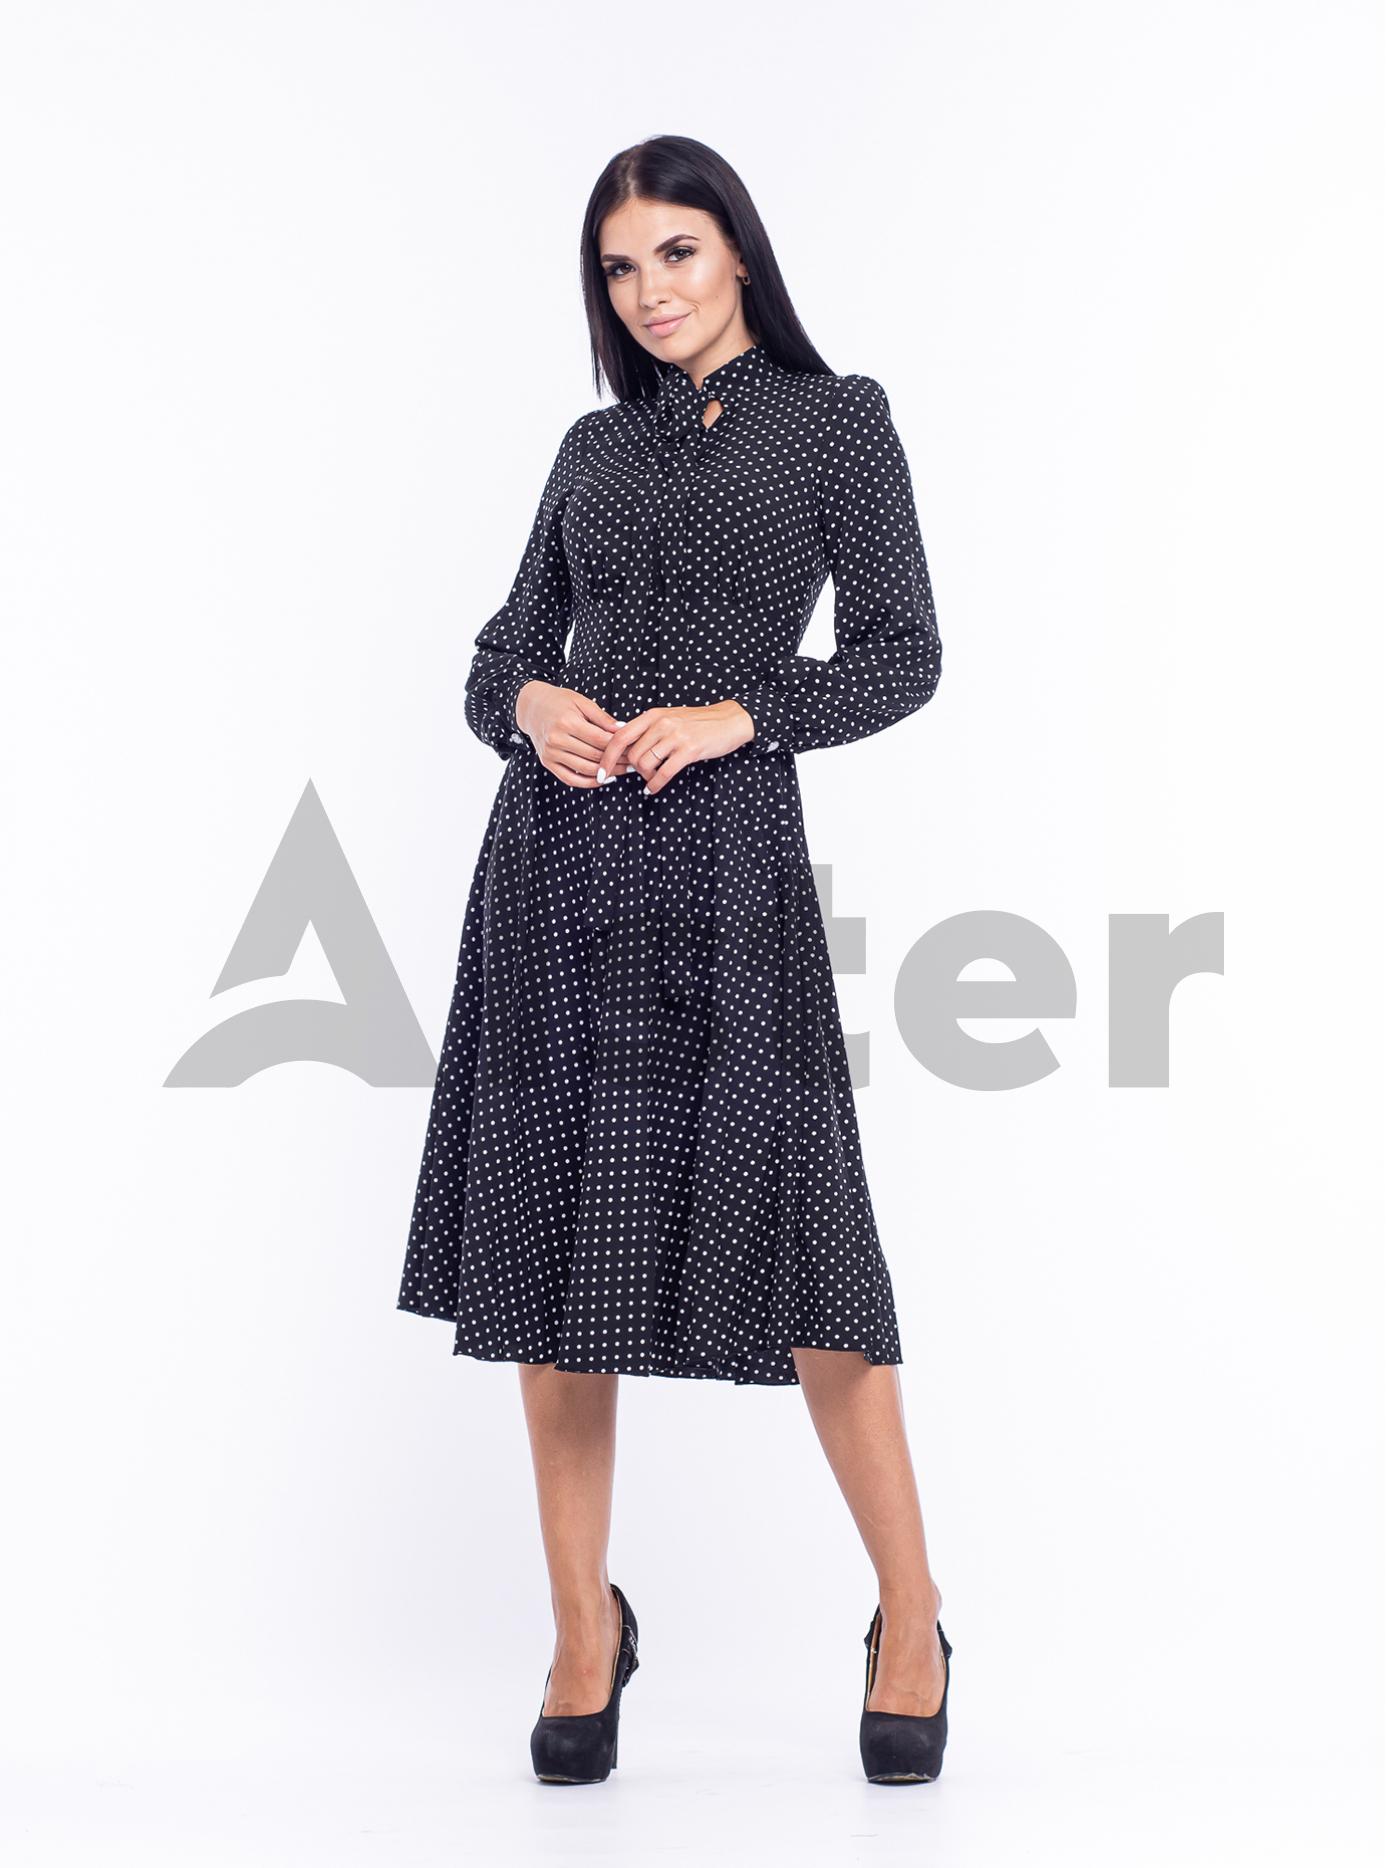 Платье приталенное Чёрный 48 (04-8987976): фото - Alster.ua